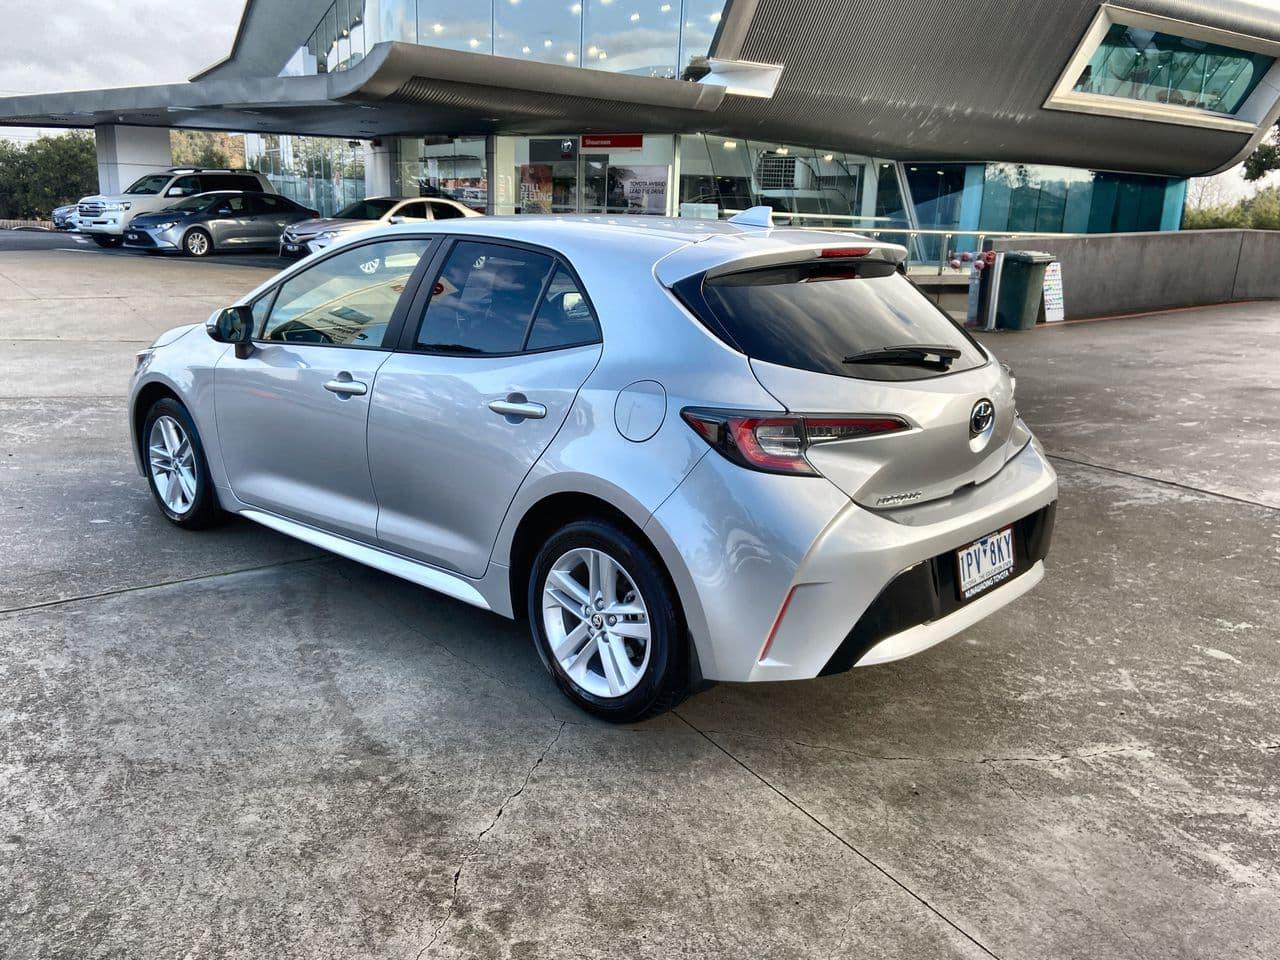 2018 Toyota Corolla SX Auto - image 5